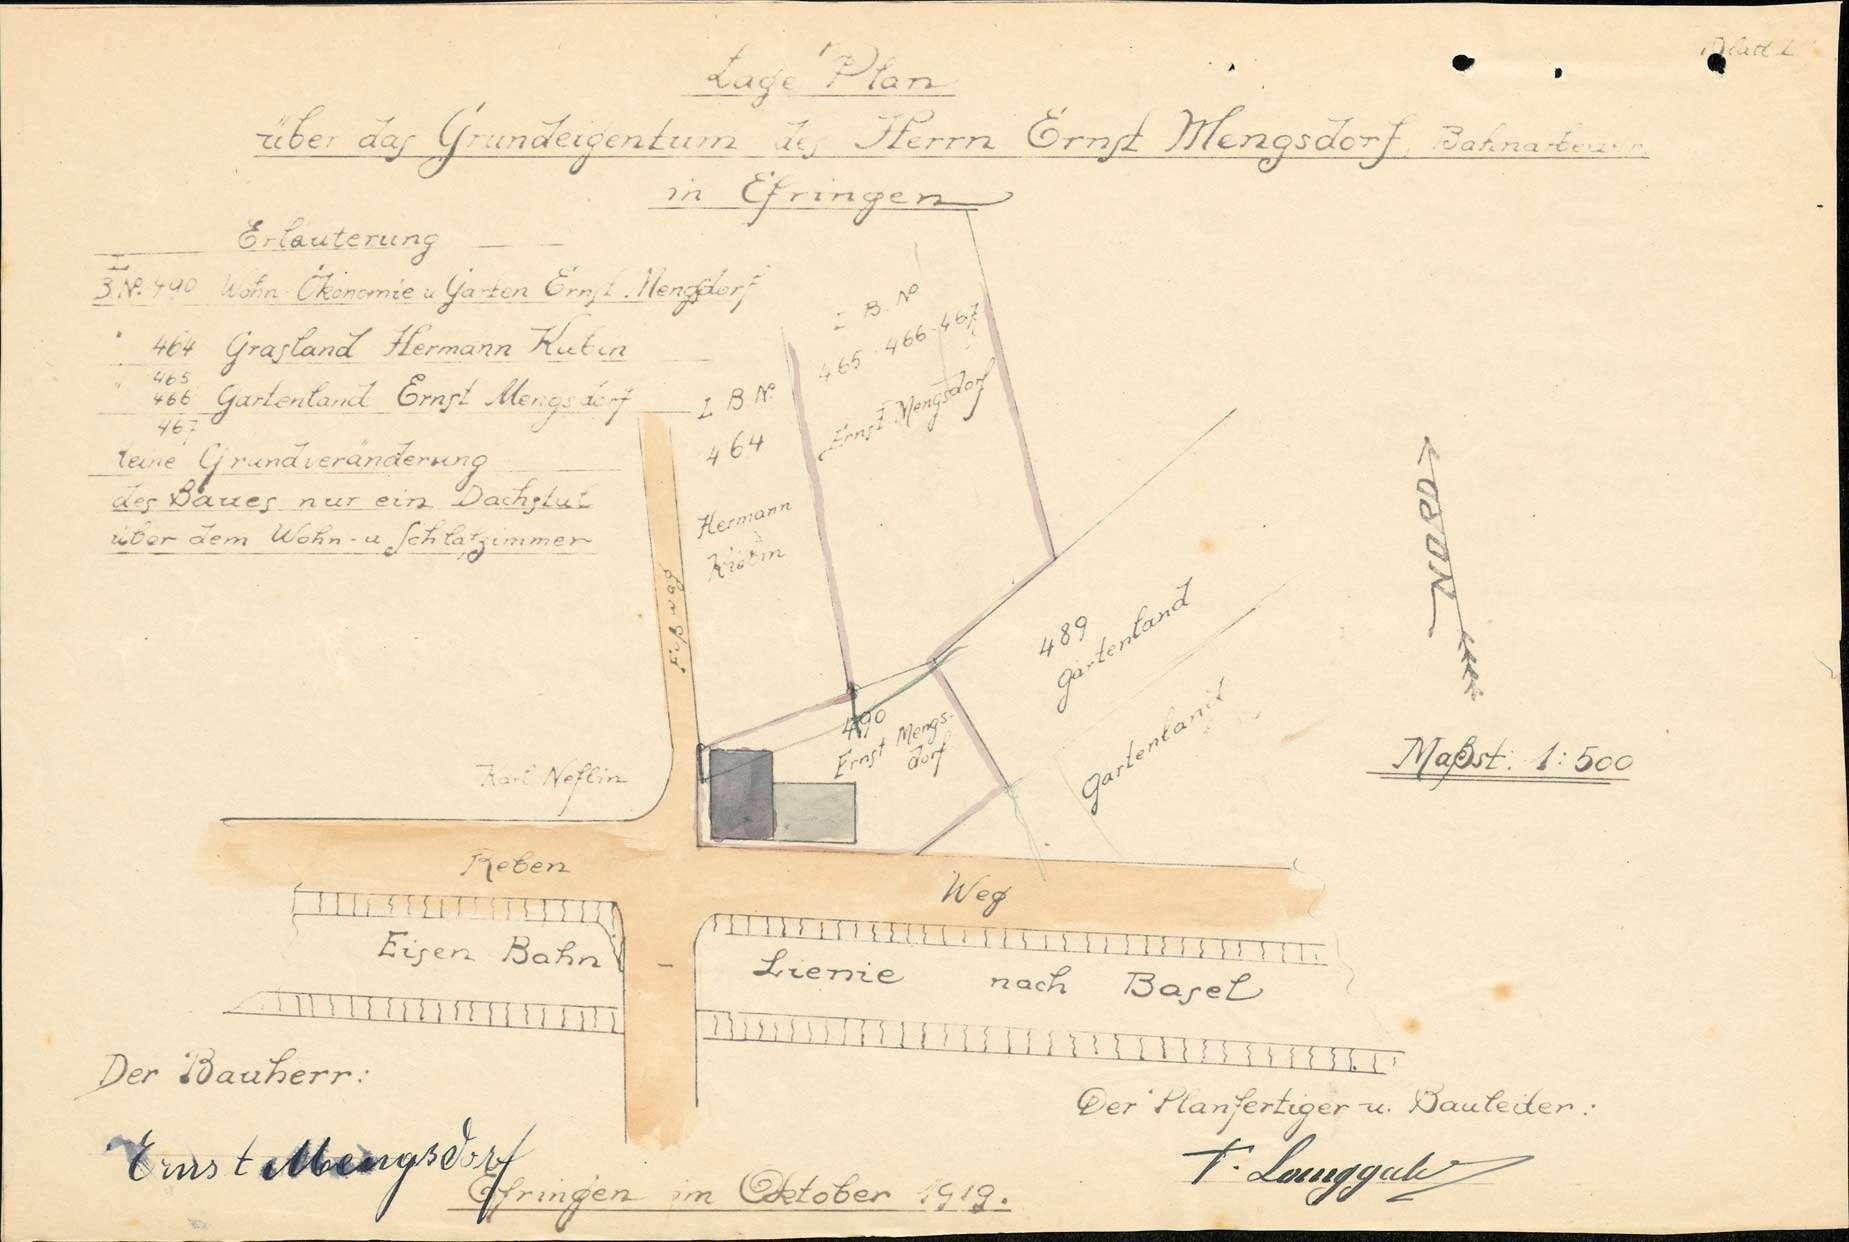 Antrag des Ernst Mengsdorf auf Genehmigung zum Bau eines Kniestockes auf sein Wohnhaus in Efringen, Bild 1